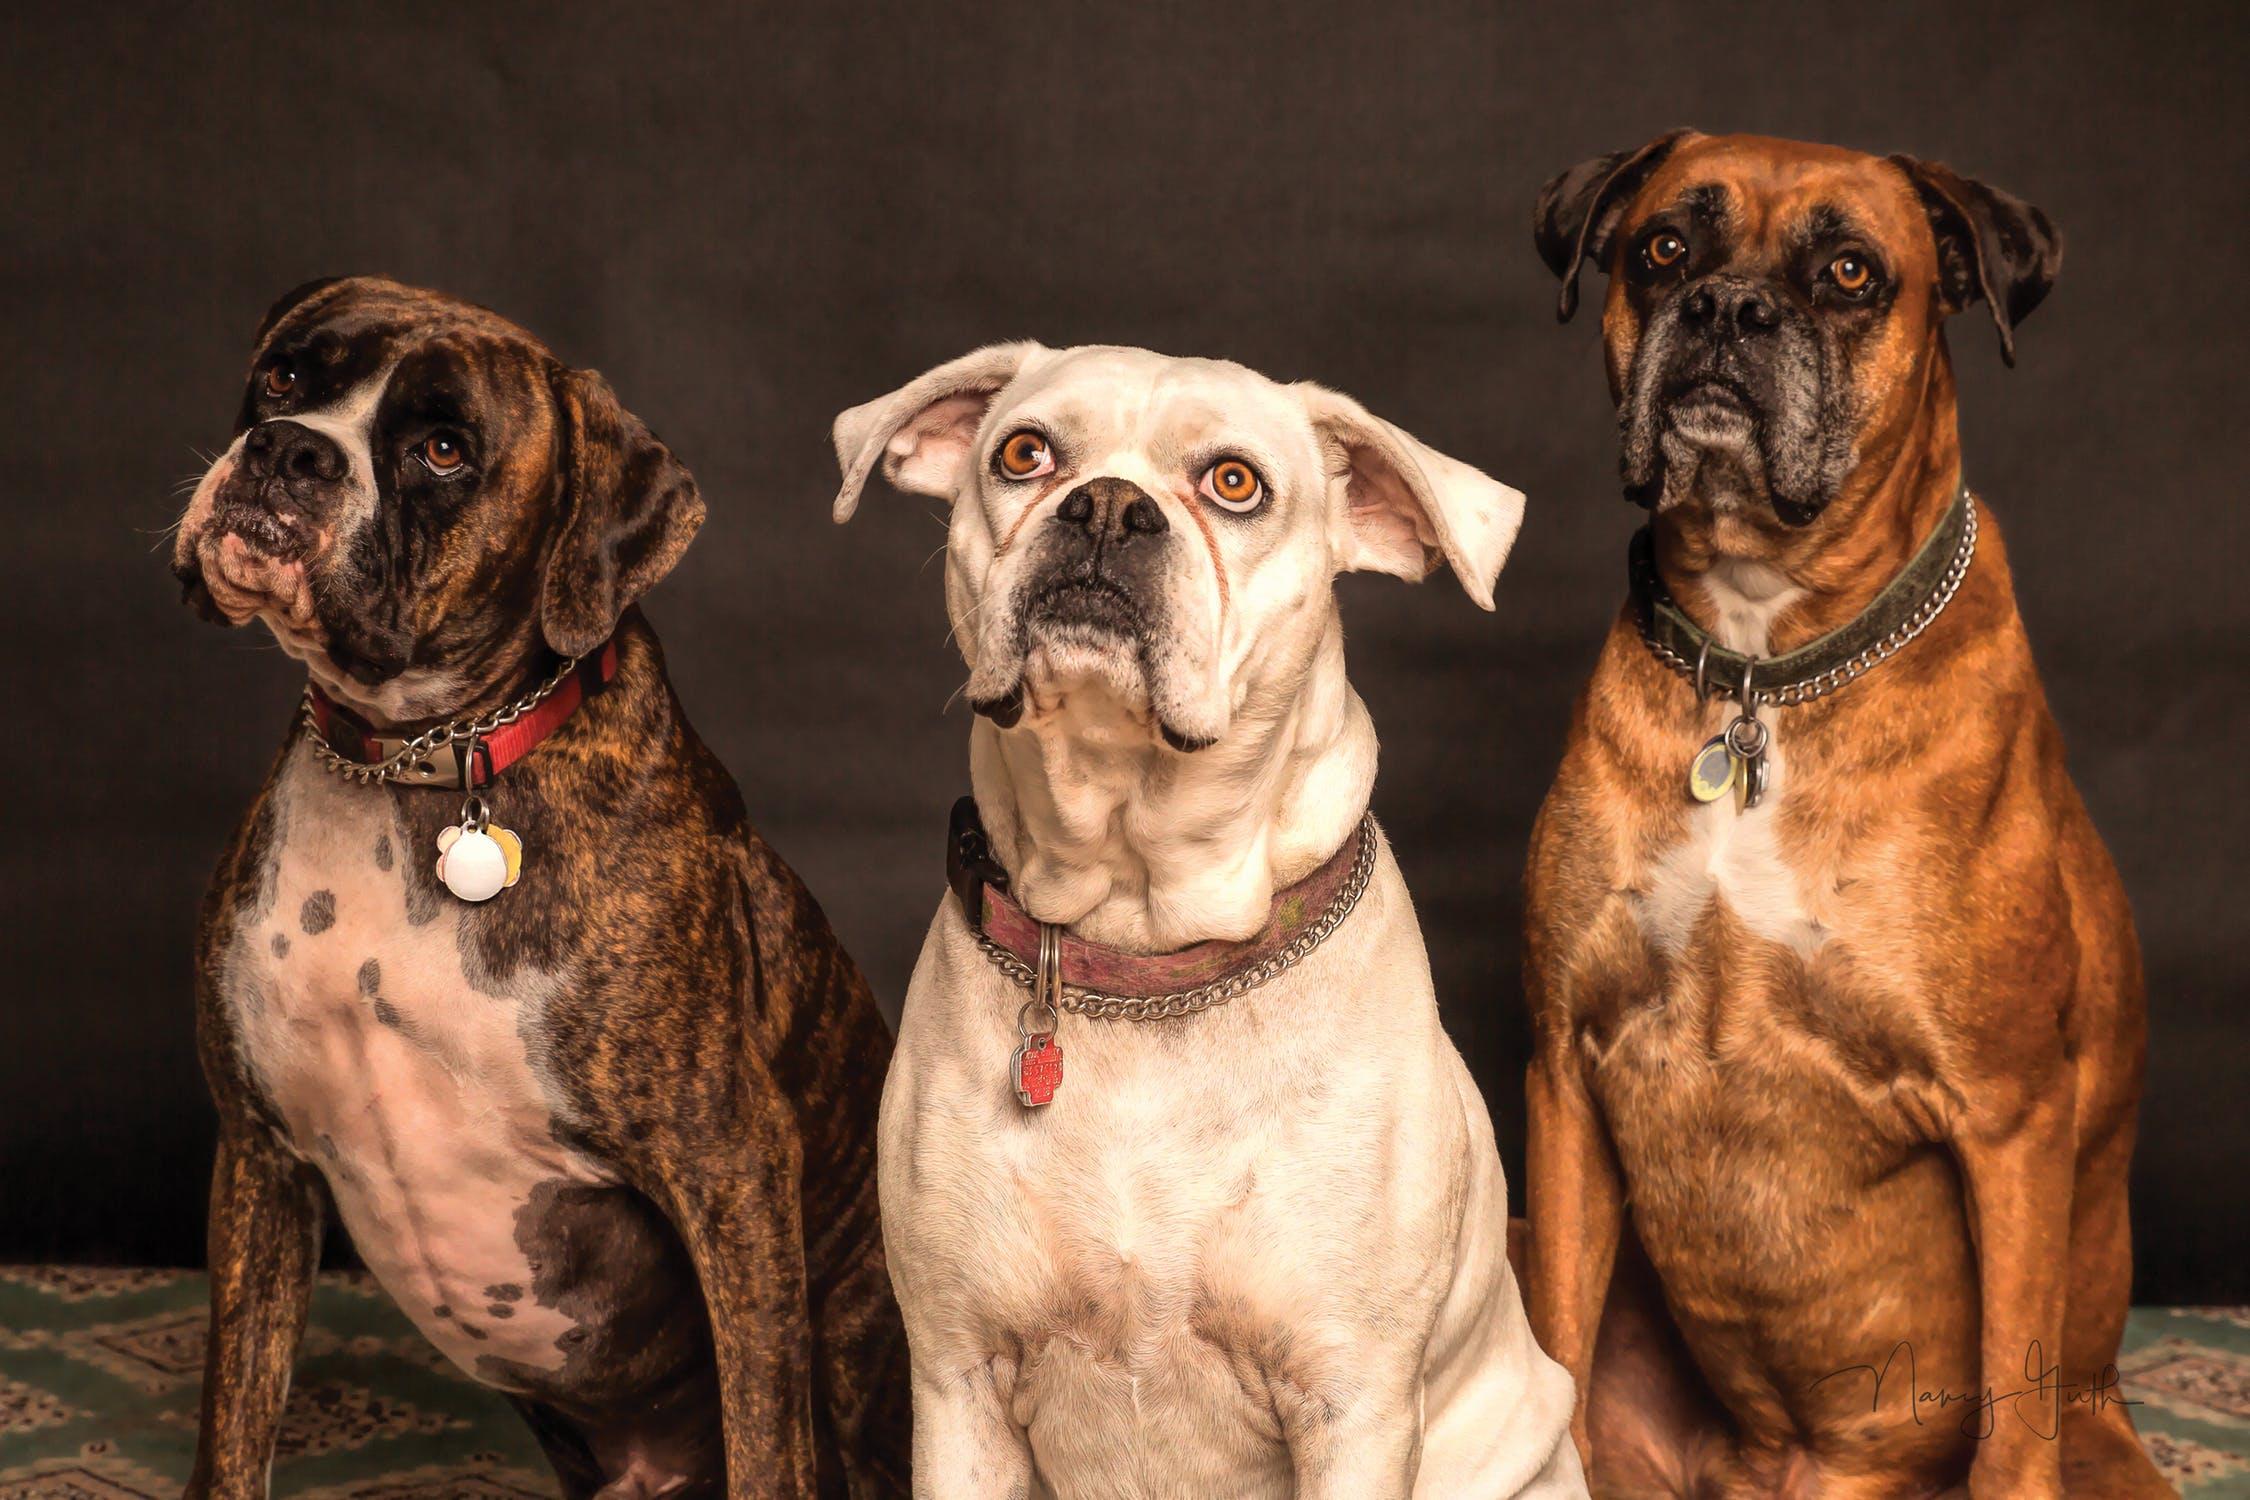 pexels photo 850602 1 - National Dog Day 2018